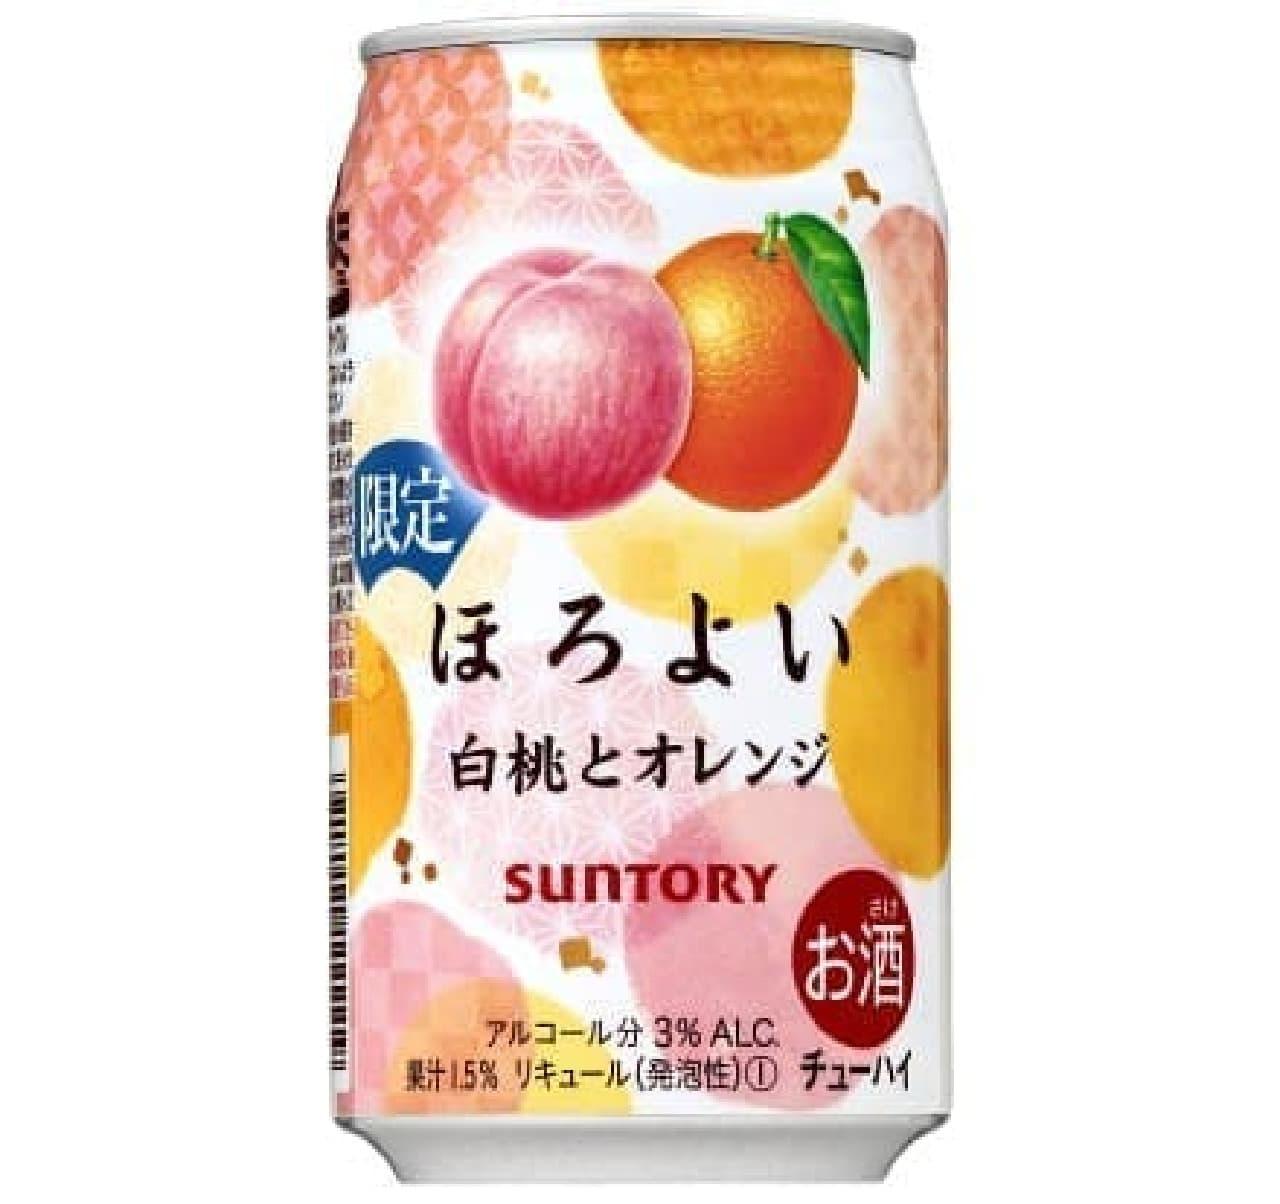 サントリーチューハイ「ほろよい<白桃とオレンジ>」